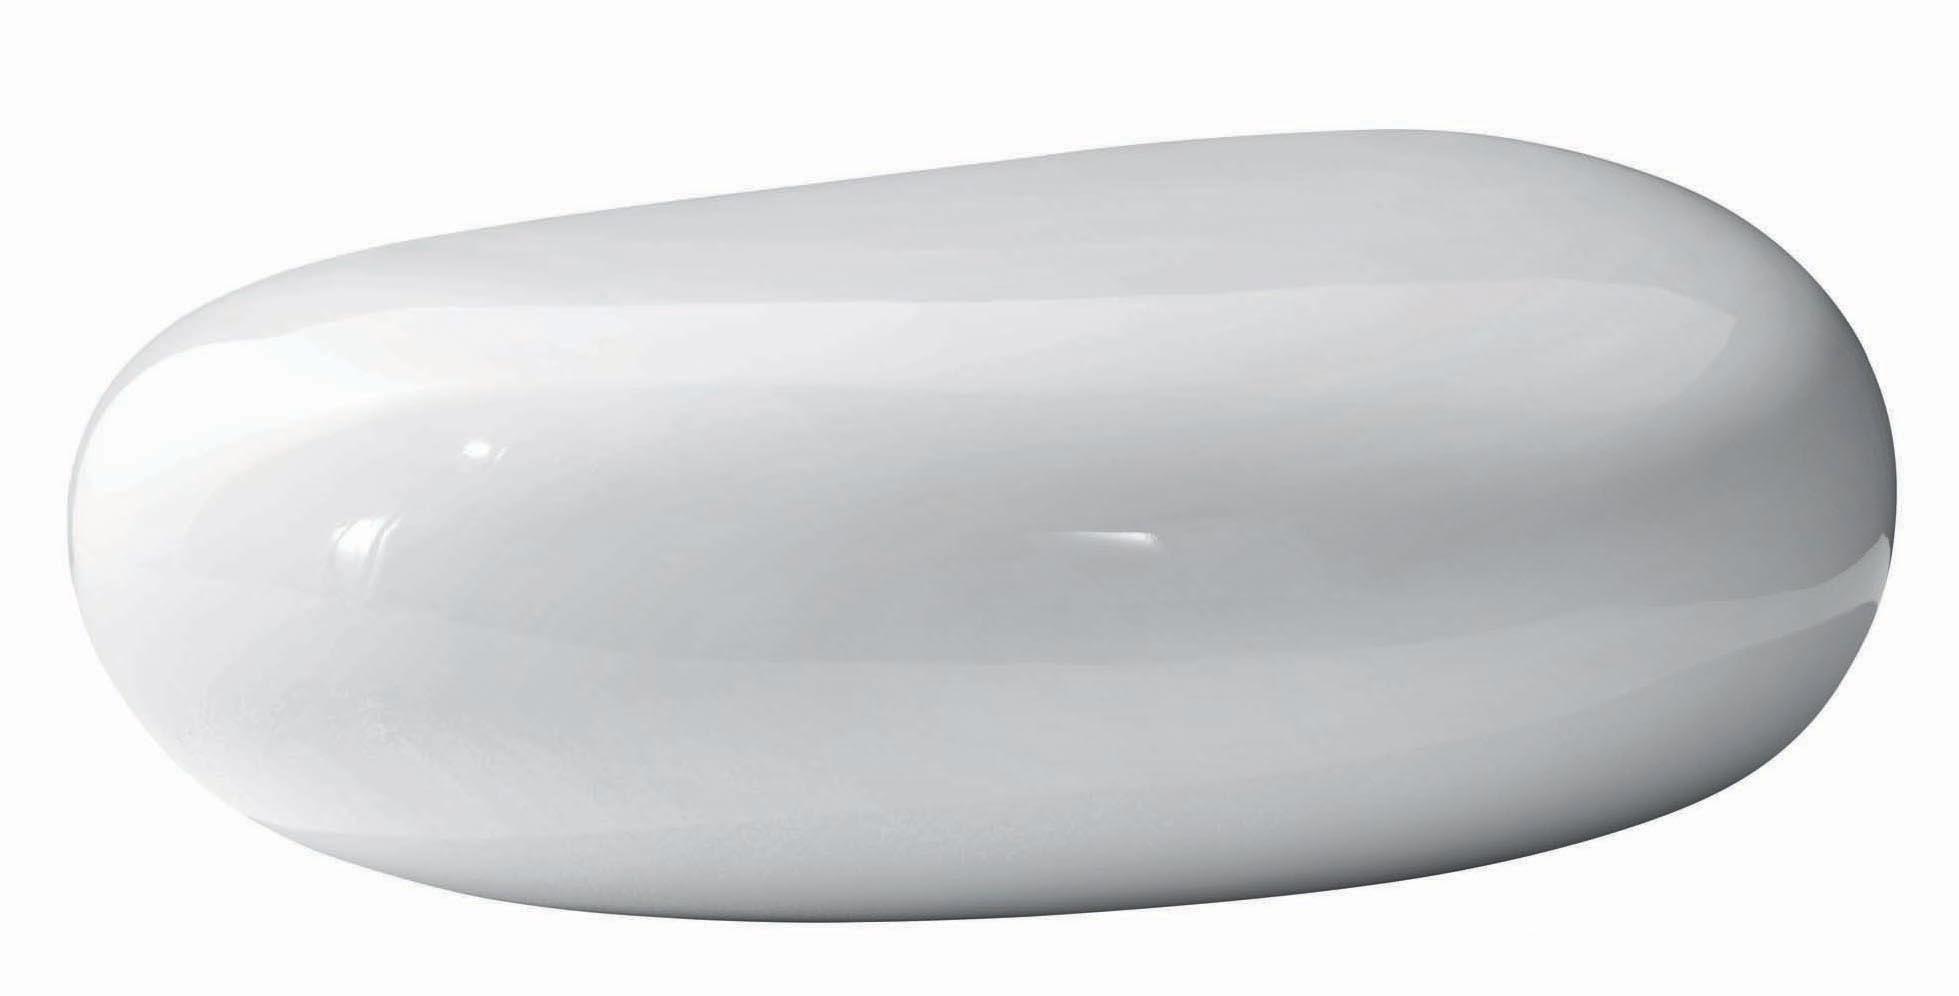 Möbel - Couchtische - Koishi Sitzkissen - Driade - Weiß - Glasfaser